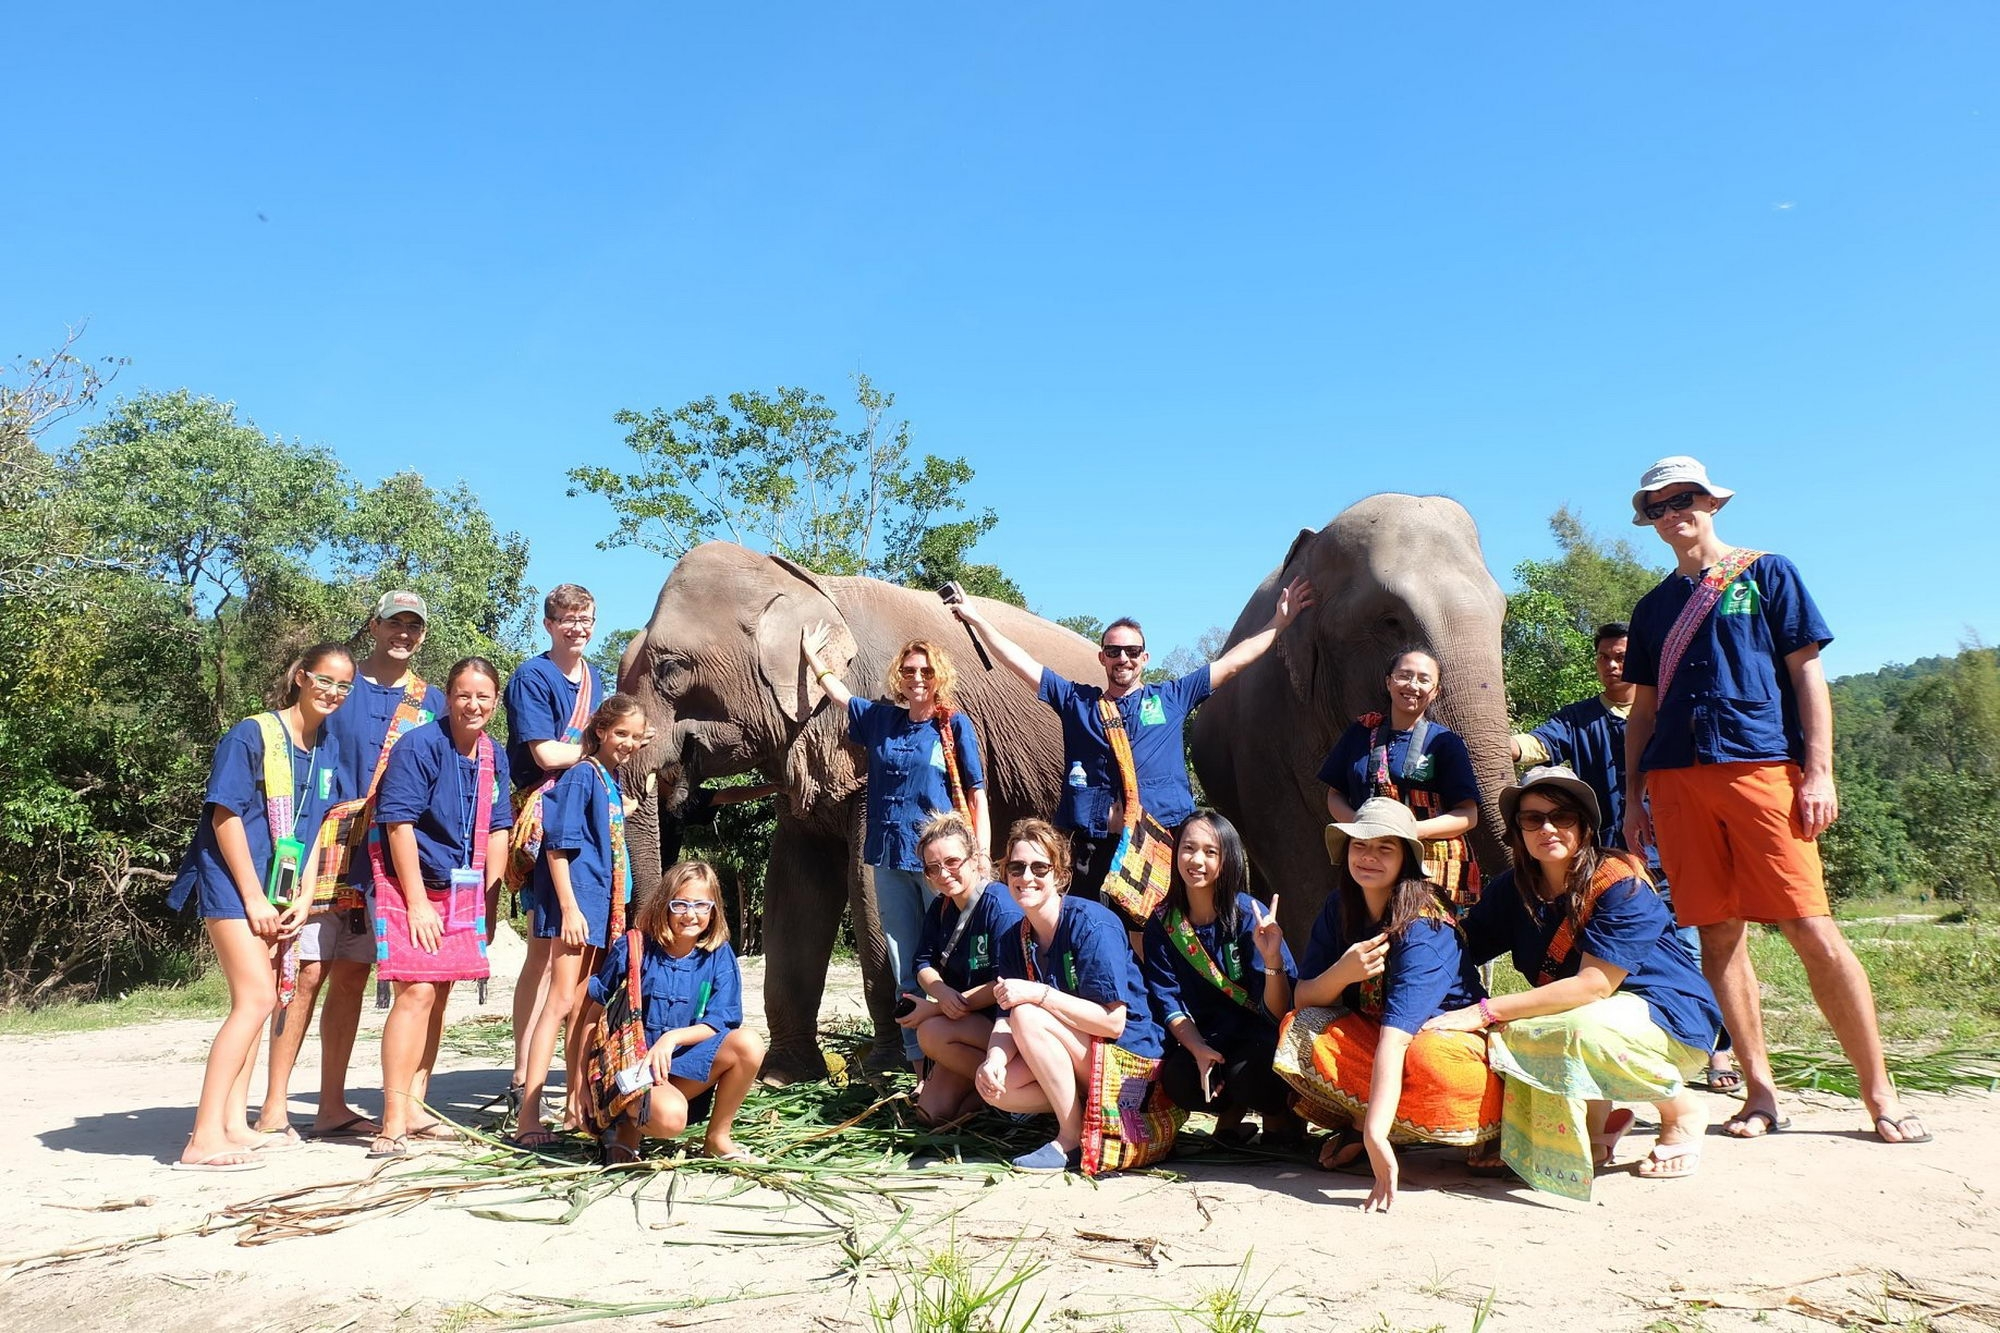 Druženje s sloni